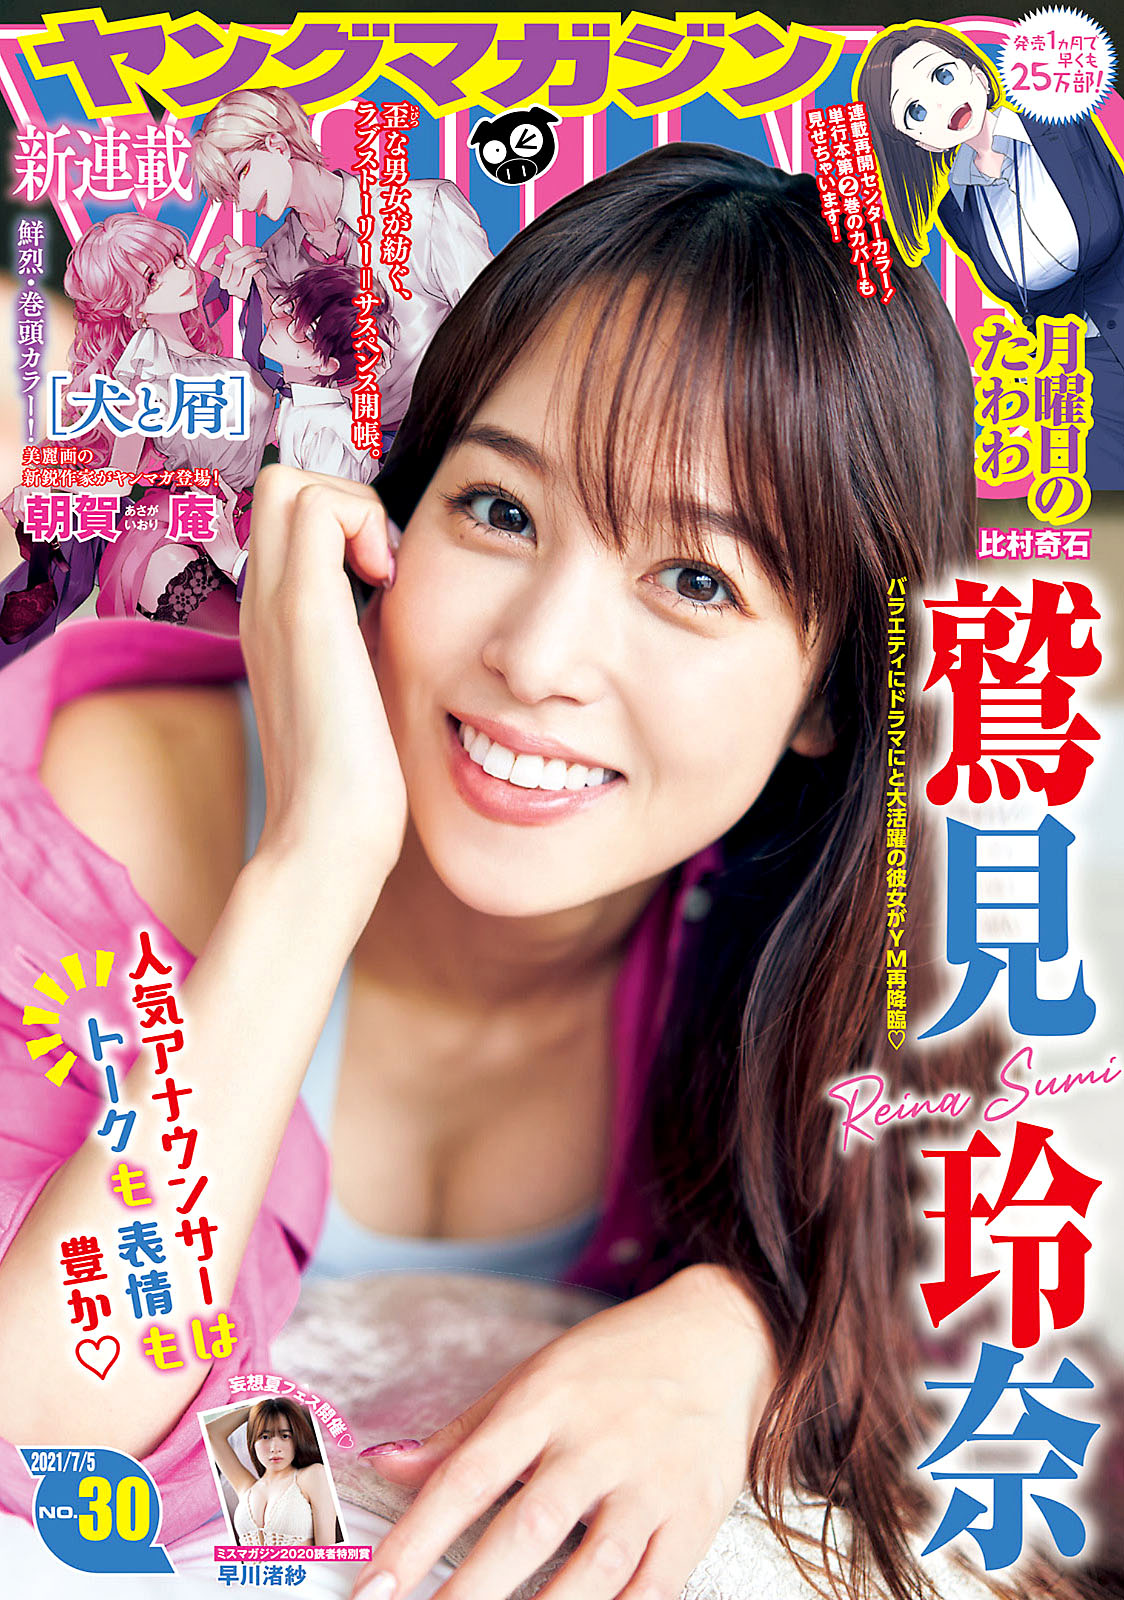 Reina Sumi Young Magazine 210705 01.jpg